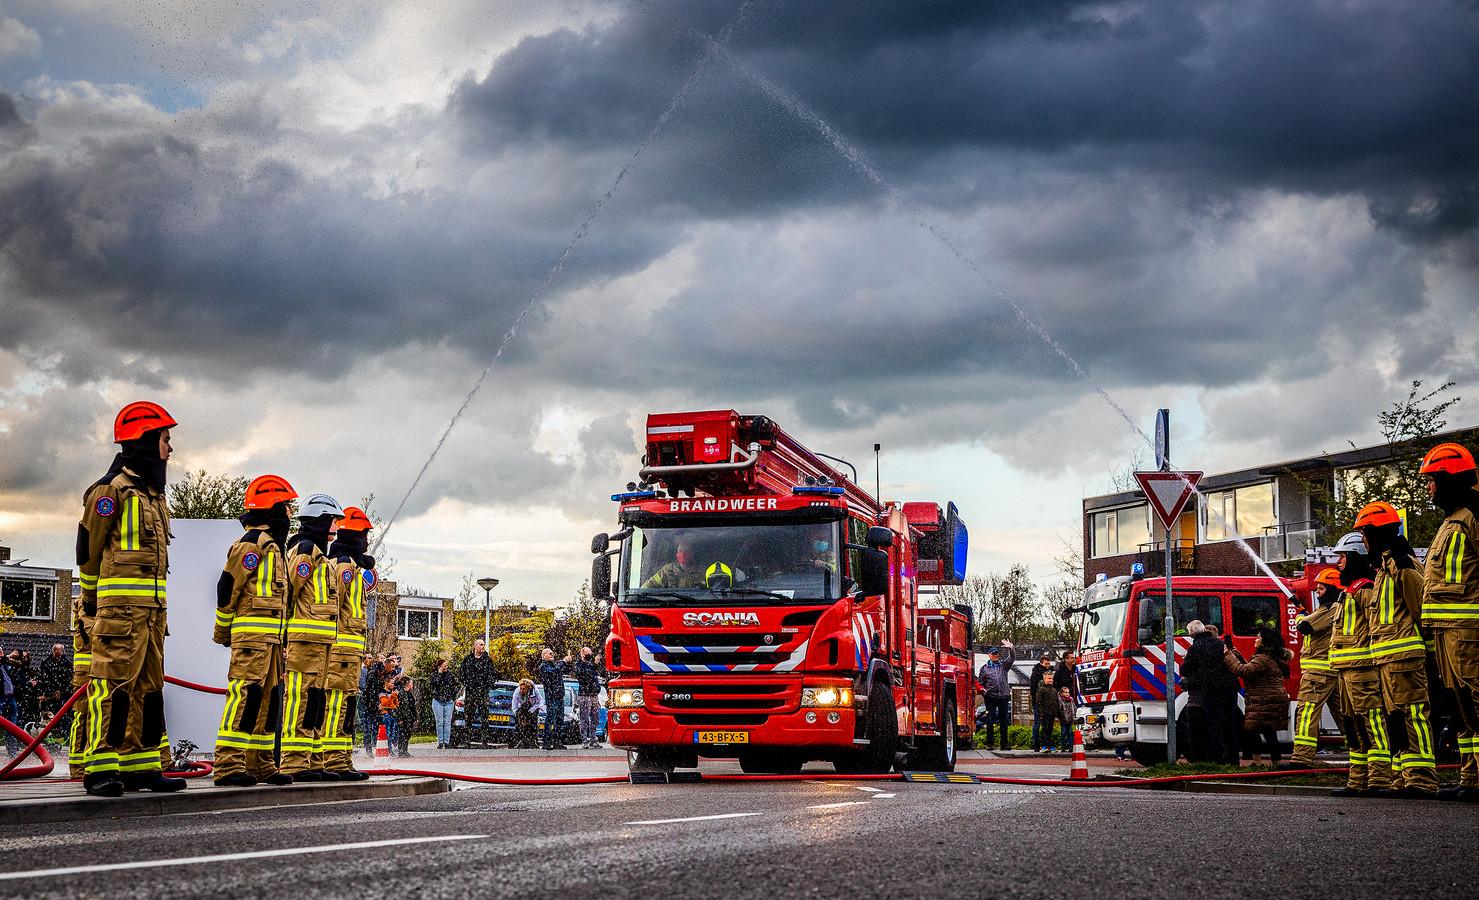 De brandweer van Papendrecht reed met zwaailicht en sirene door het dorp op weg naar hun nieuwe kazerne.